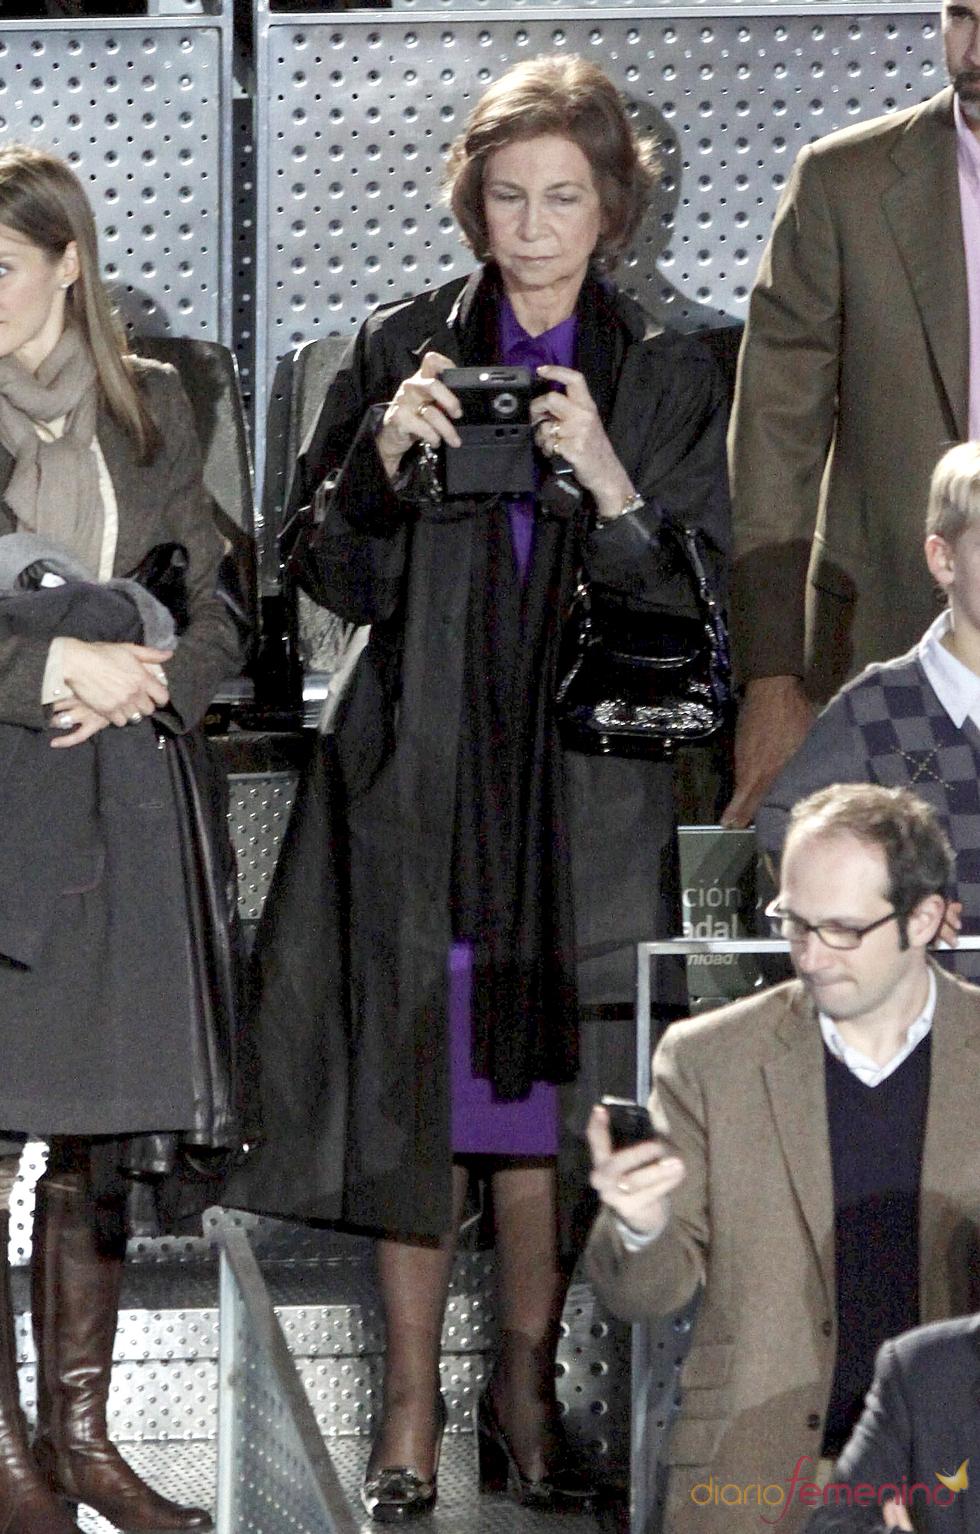 La Reina Sofía inmortalizó el partido de la Fundación Rafa Nadal